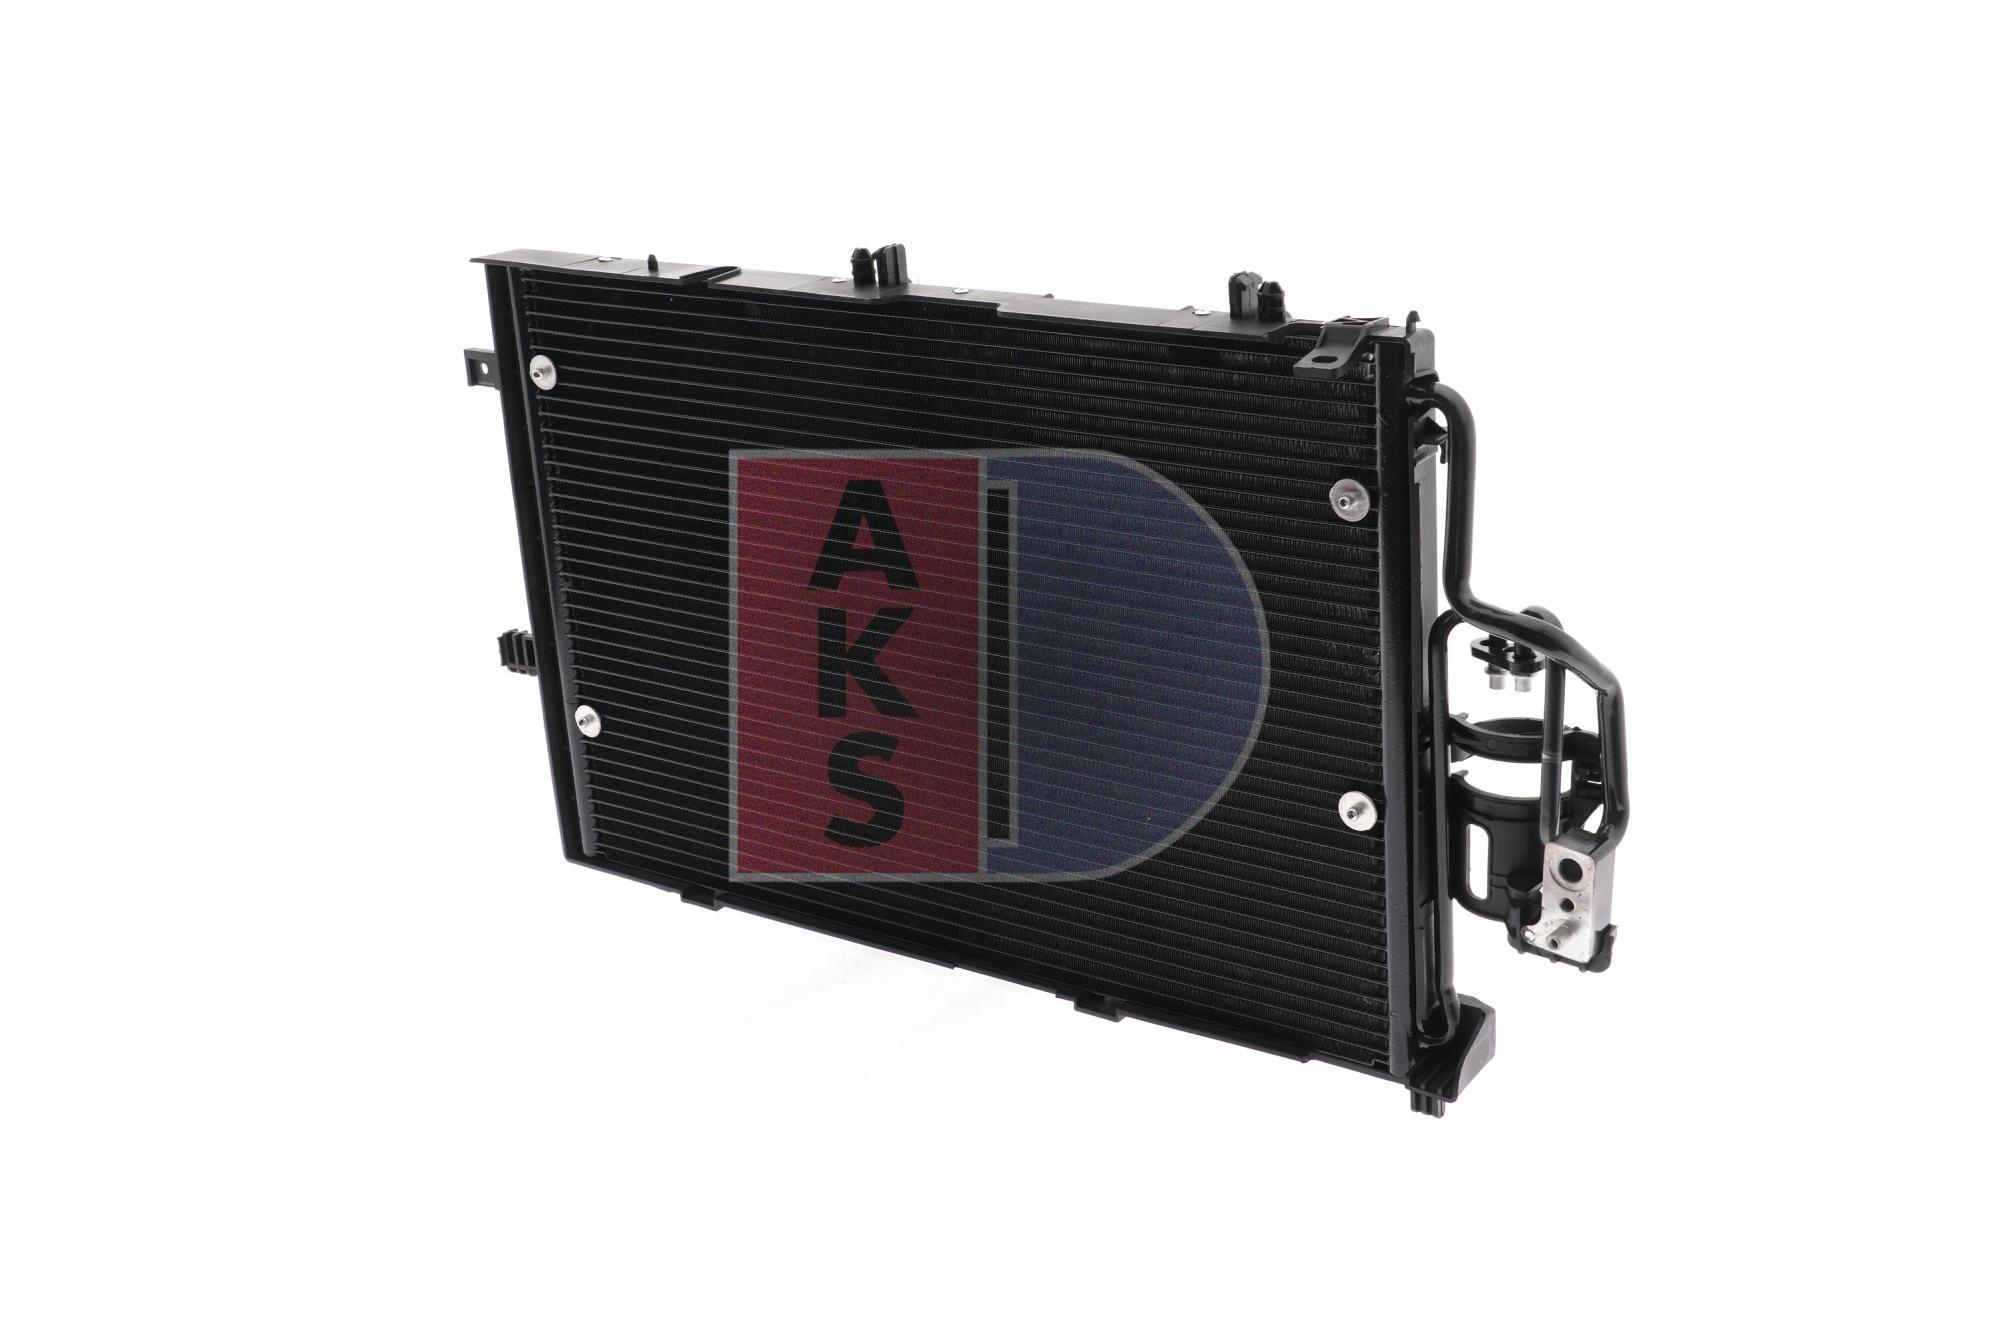 Kondensator Klimaanlage AKS DASIS 152018N Erfahrung